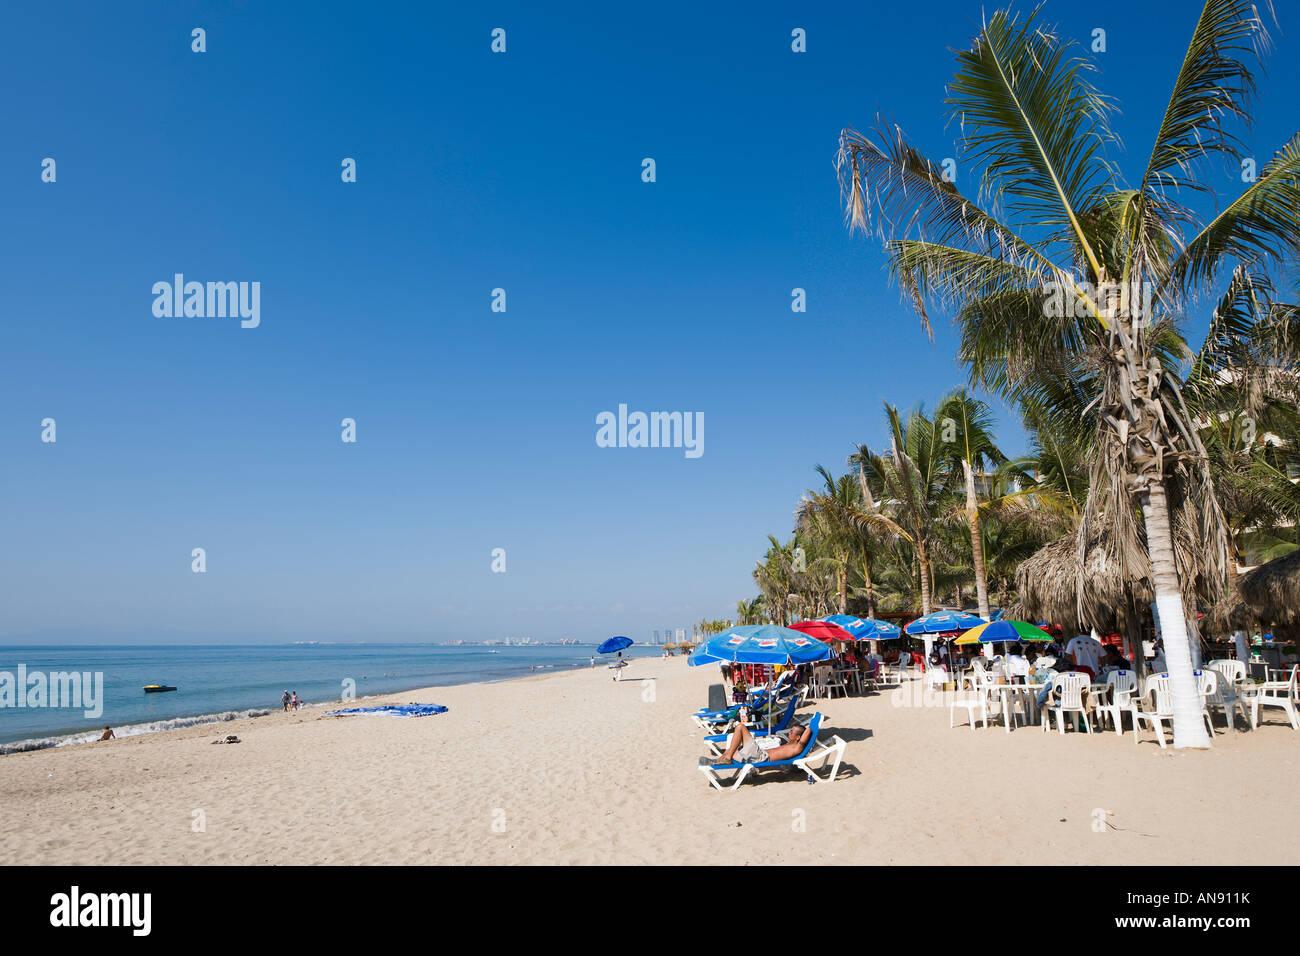 Playa Los Muertos aka Playa del Sol, Puerto Vallarta, Jalisco, Mexico - Stock Image